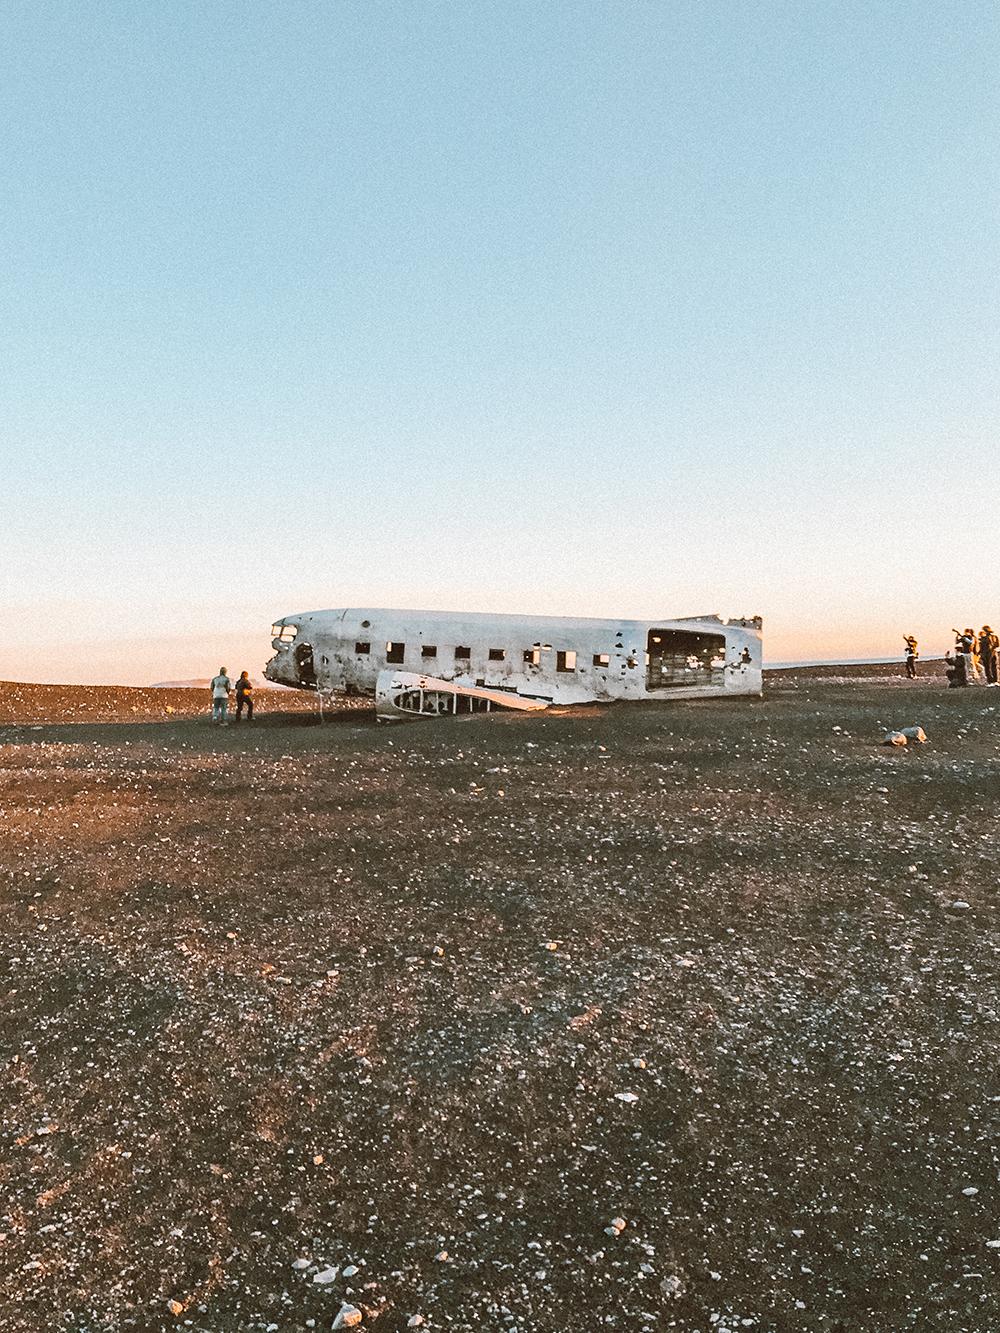 livvyland-blog-olivia-watson-travel-lifestyle-blogger-iceland-road-trip-what-to-do-pack-reykjavik-noken-travel-guide-glacier-hike-plane-crash-2